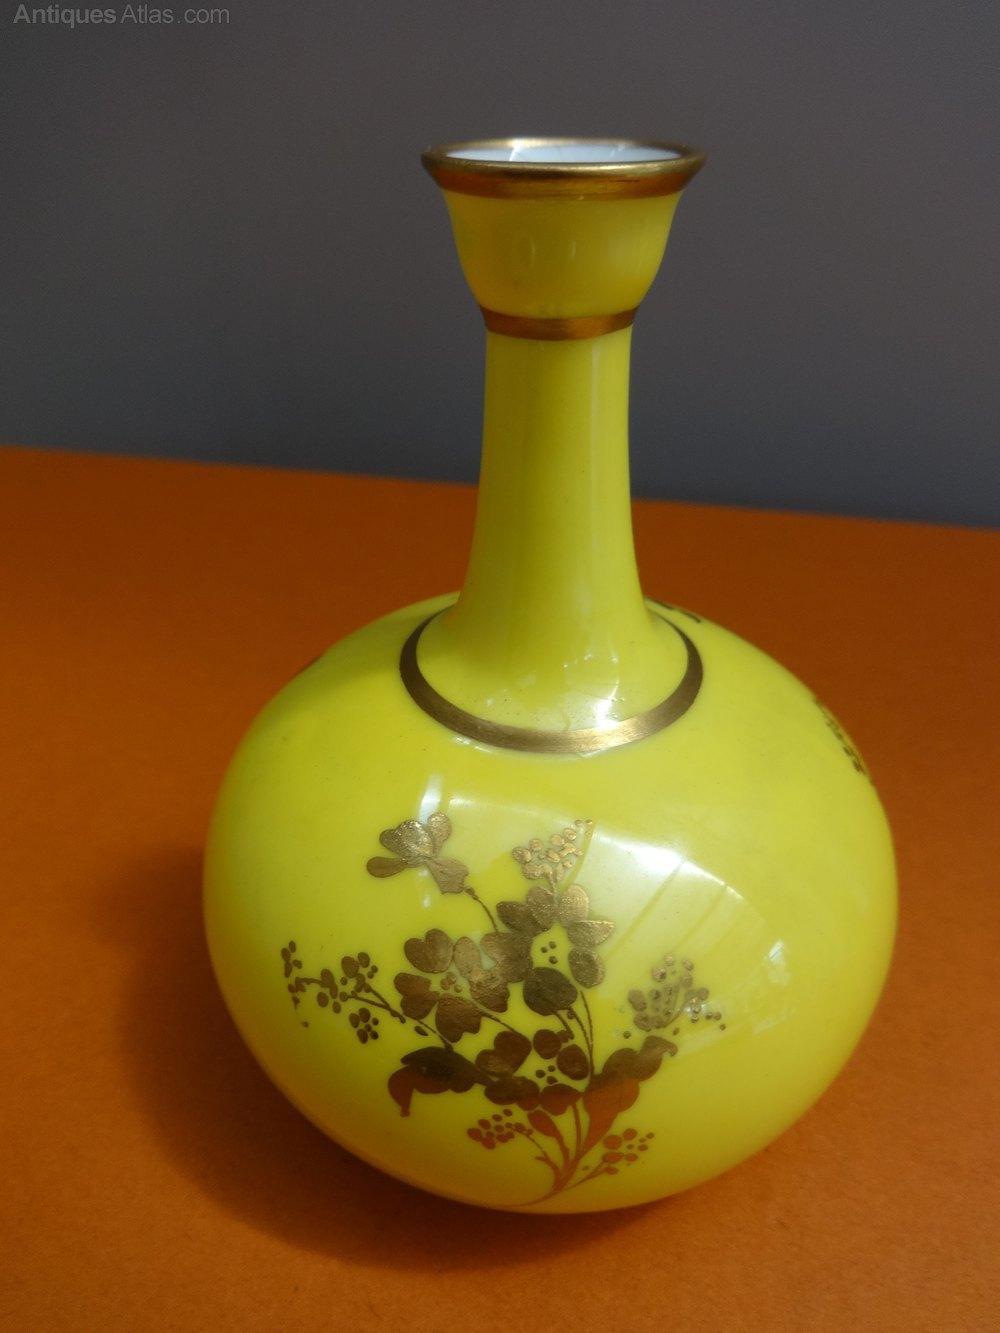 Antiques atlas miniature royal crown derby vase photos miniature royal crown derby vase reviewsmspy